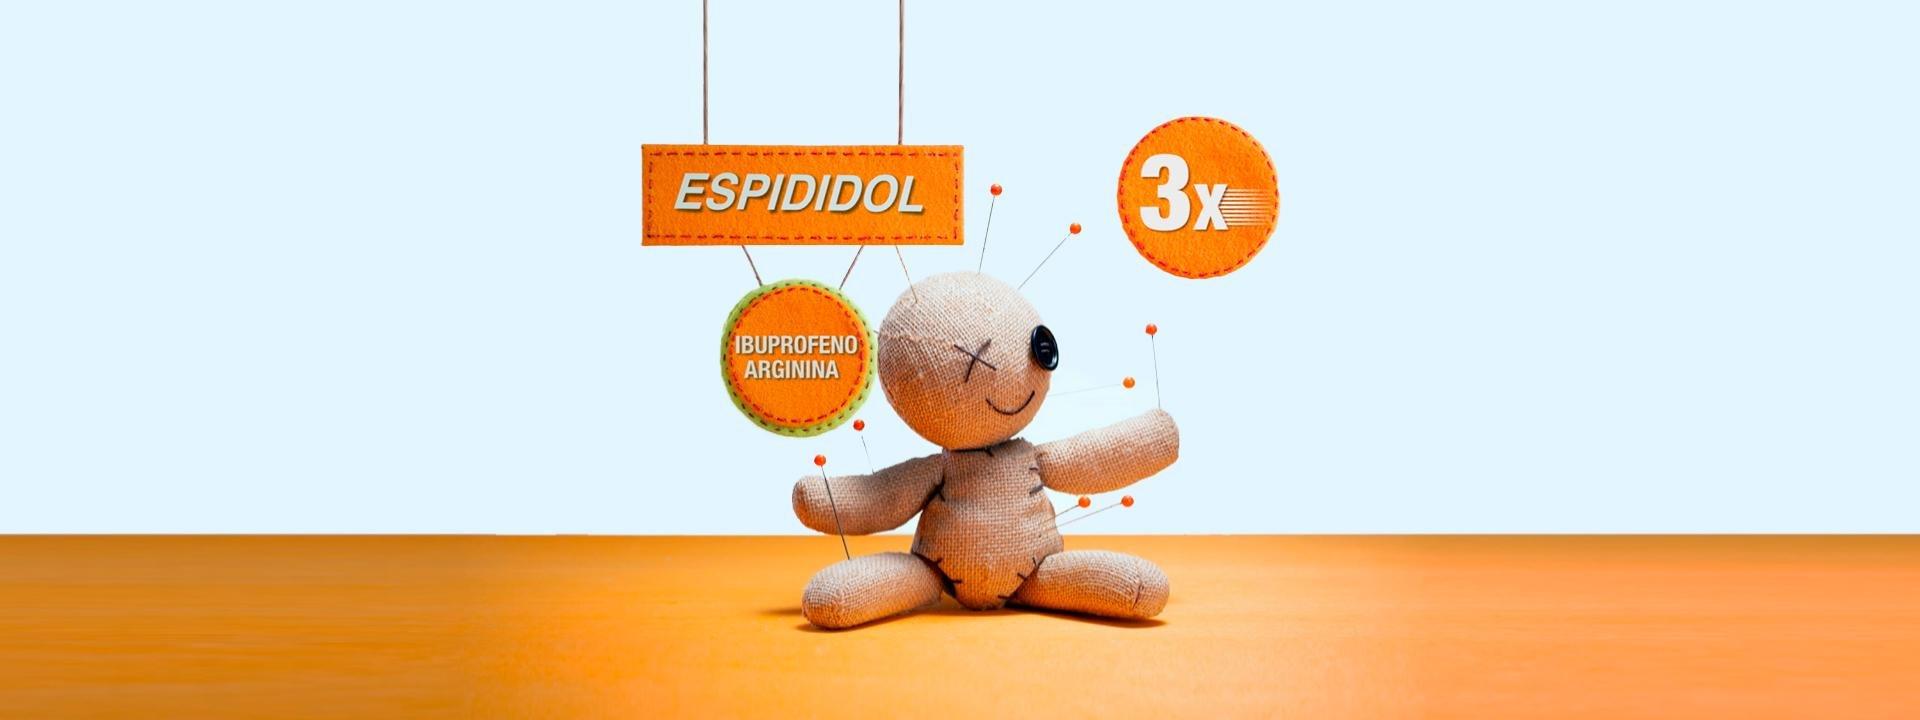 Espididol se absorbe 3 veces más rápido que el Ibuprofeno solo